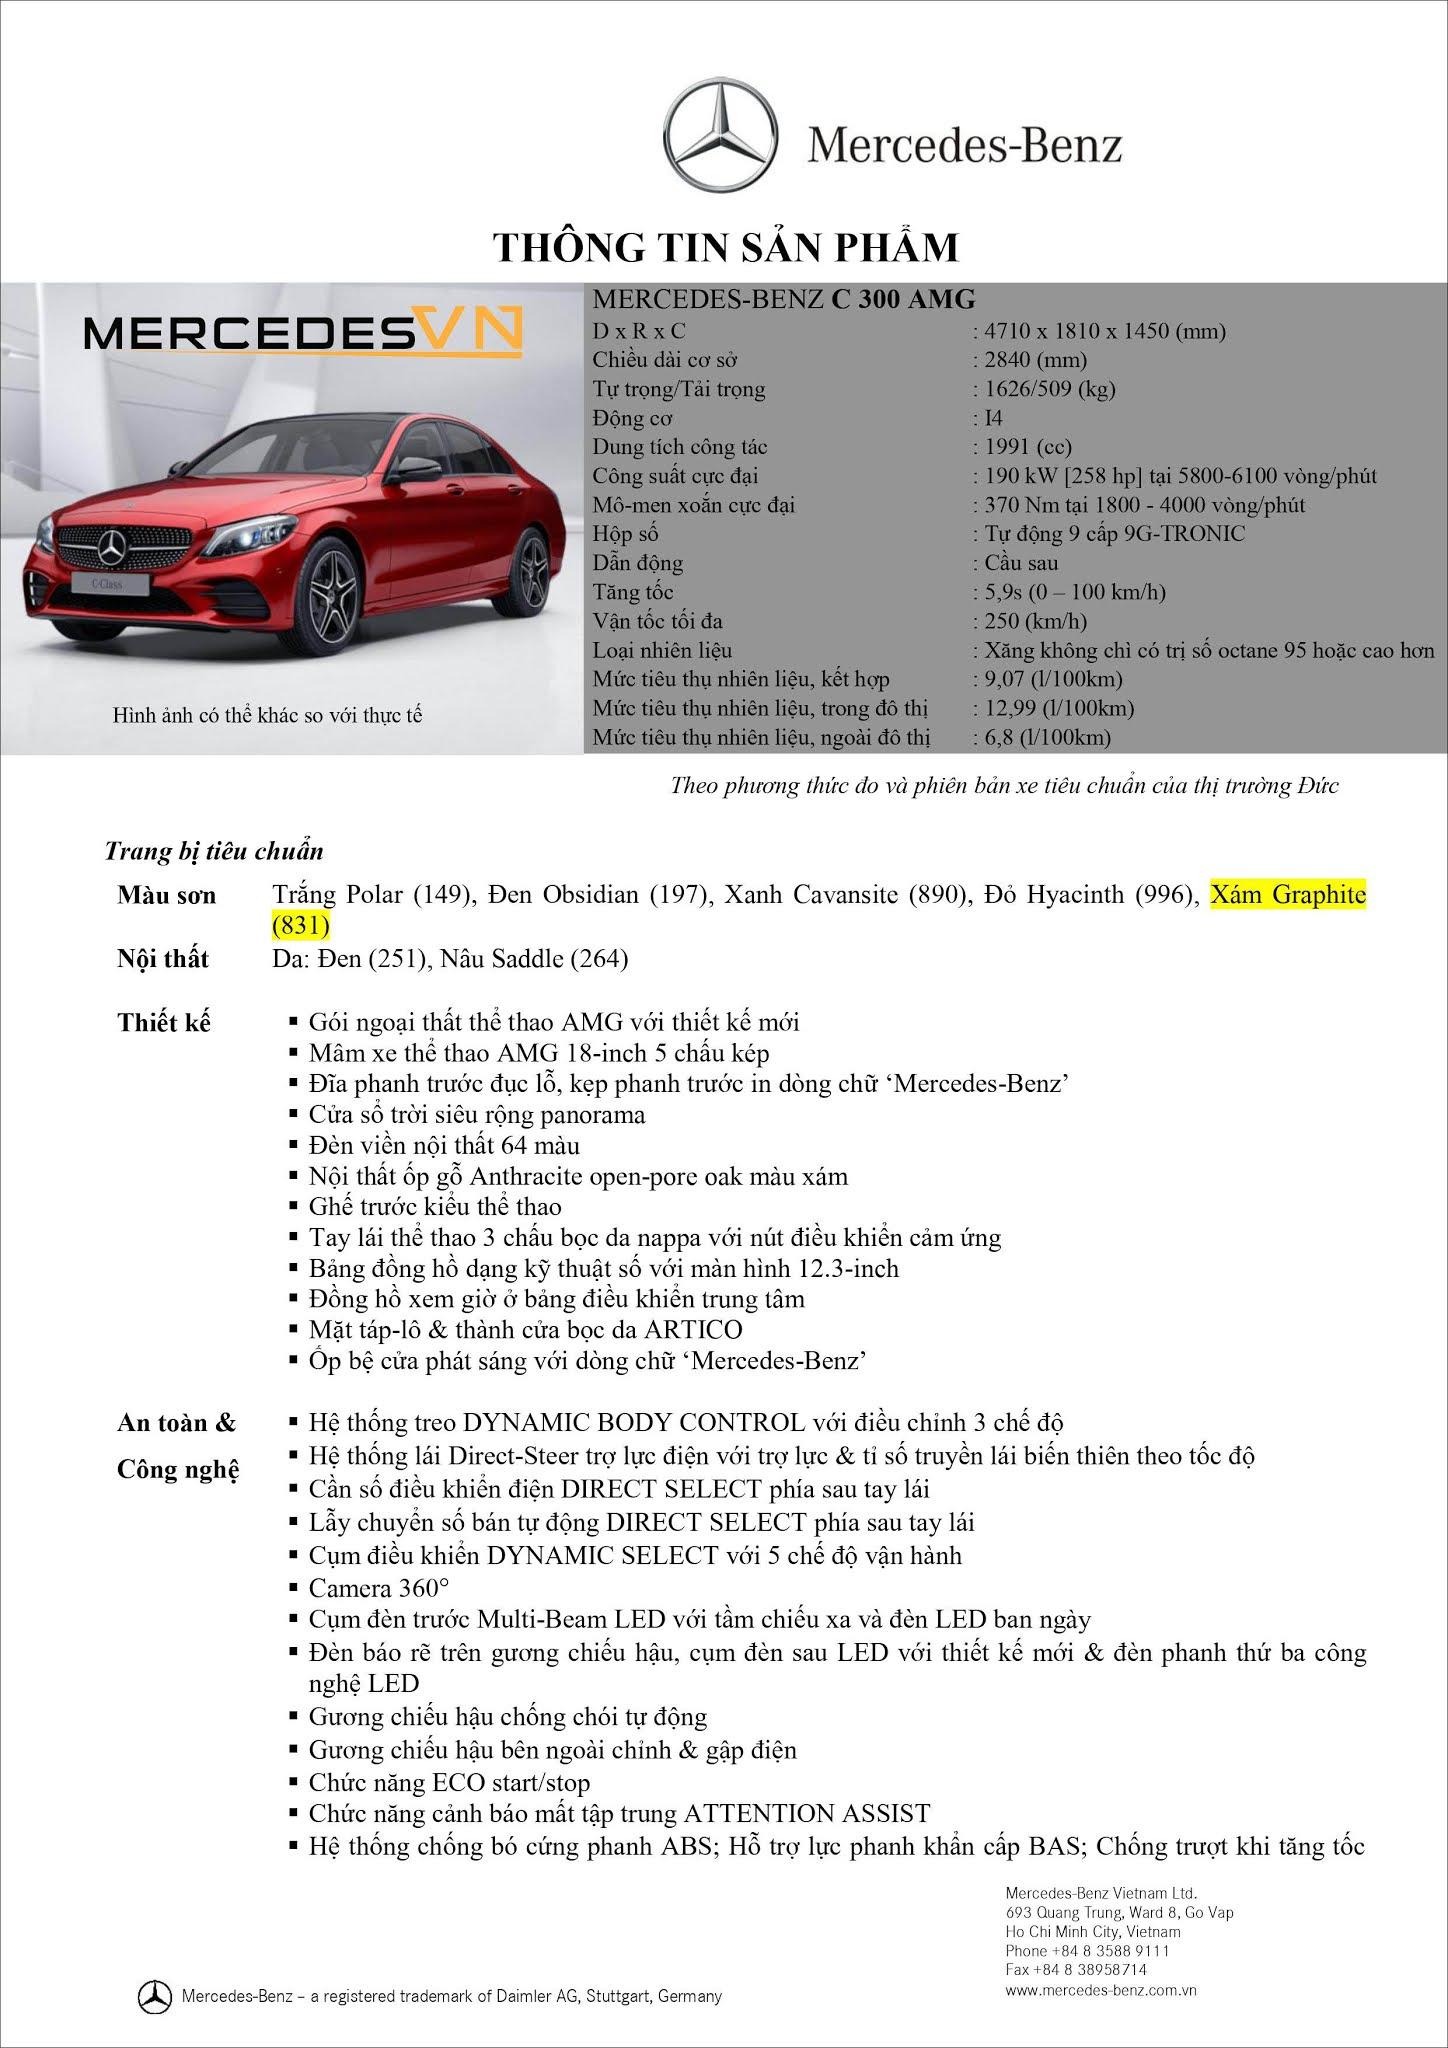 Bảng thông số kỹ thuật Mercedes C300 AMG 2021